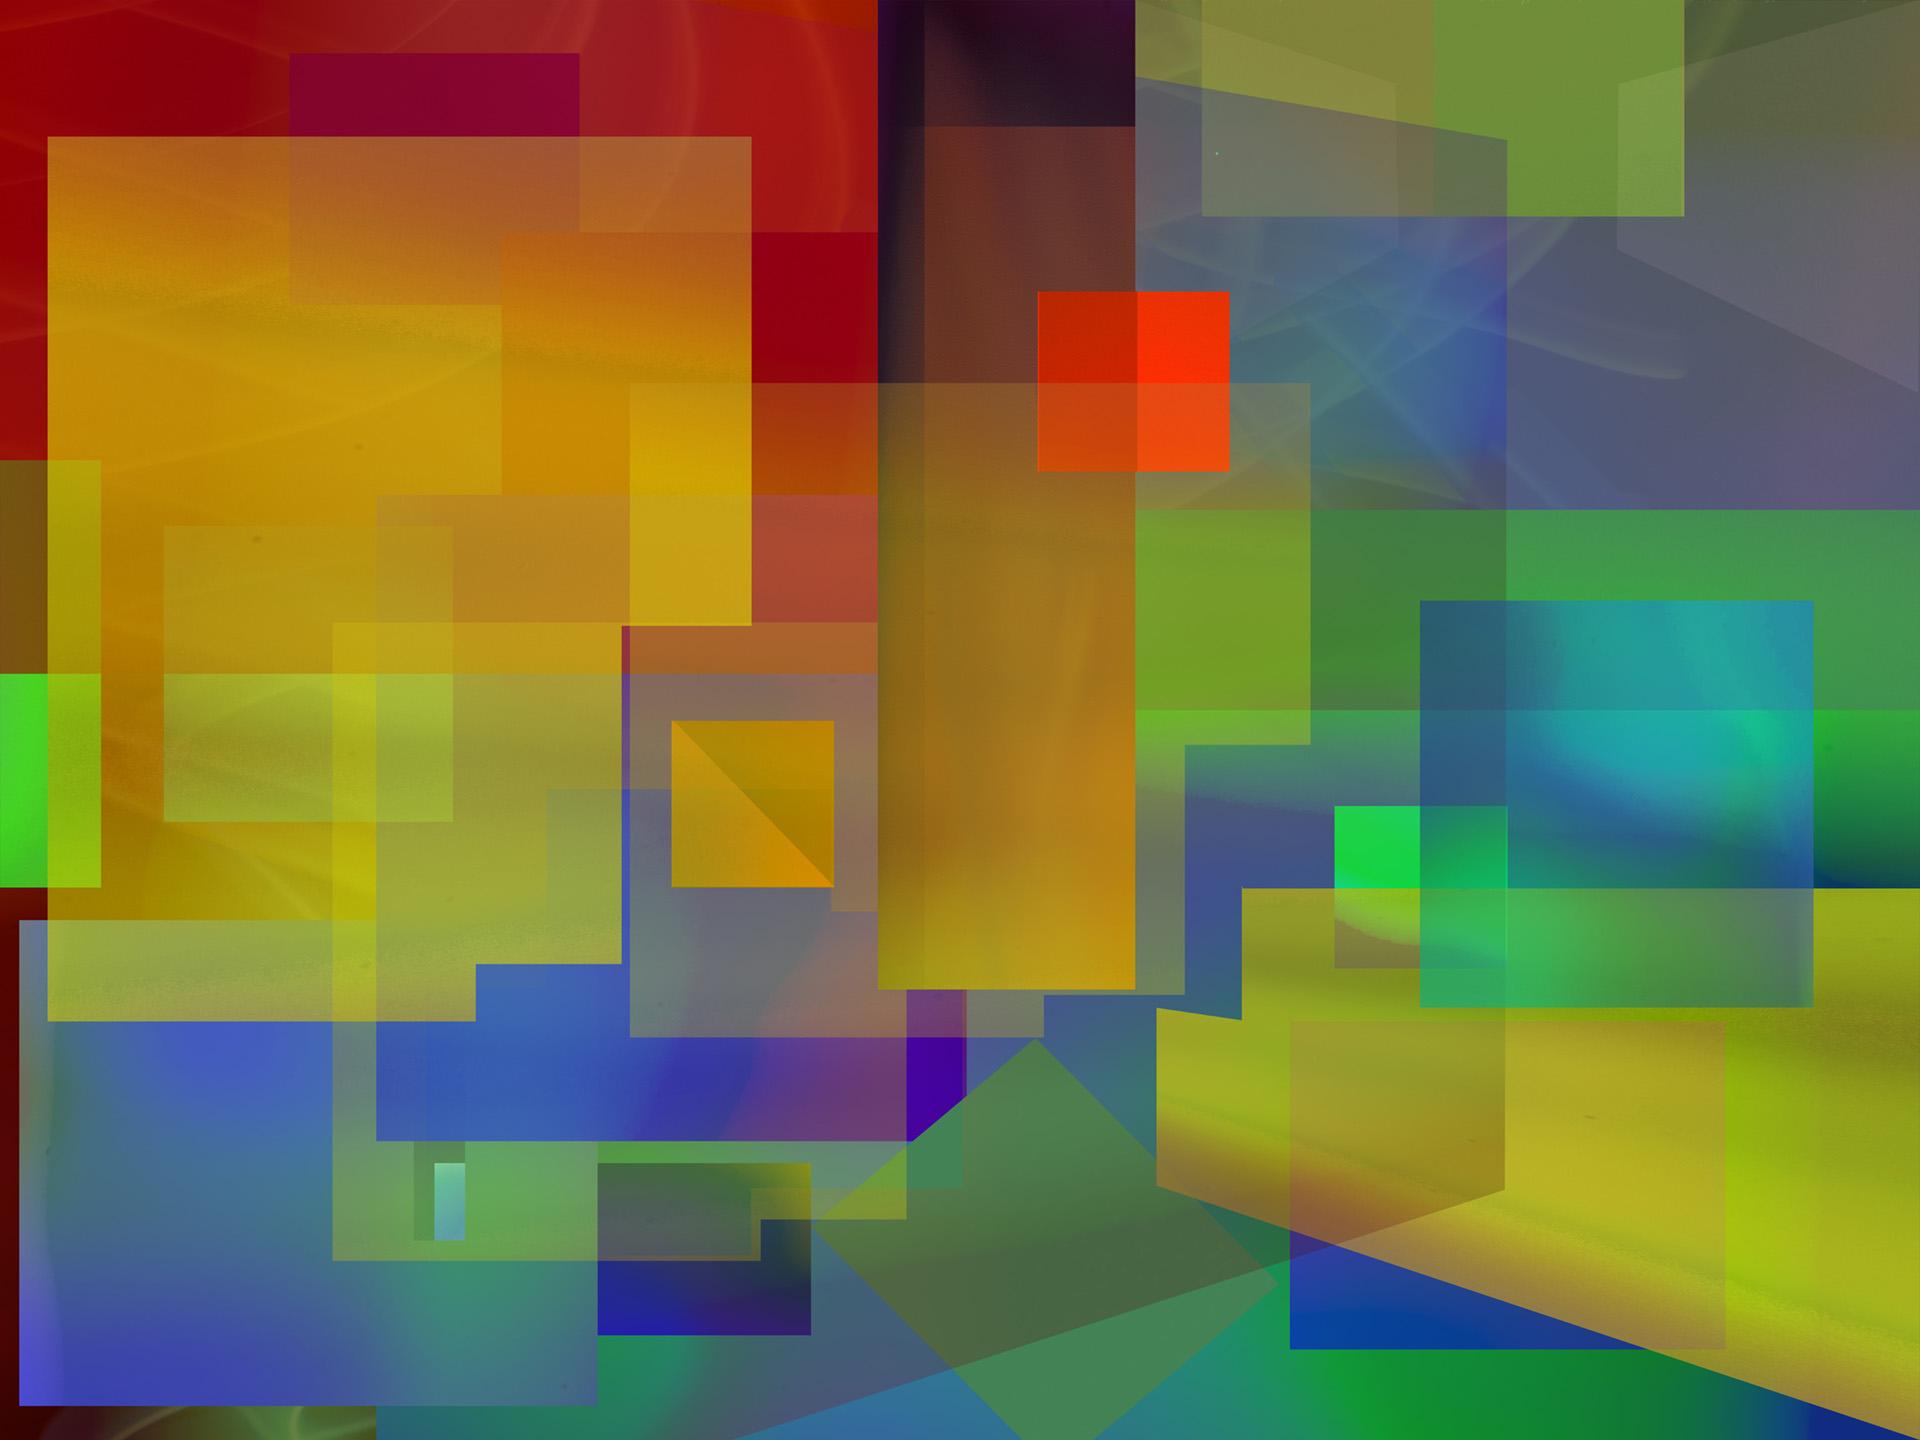 A0002458vSq3_JS.jpg